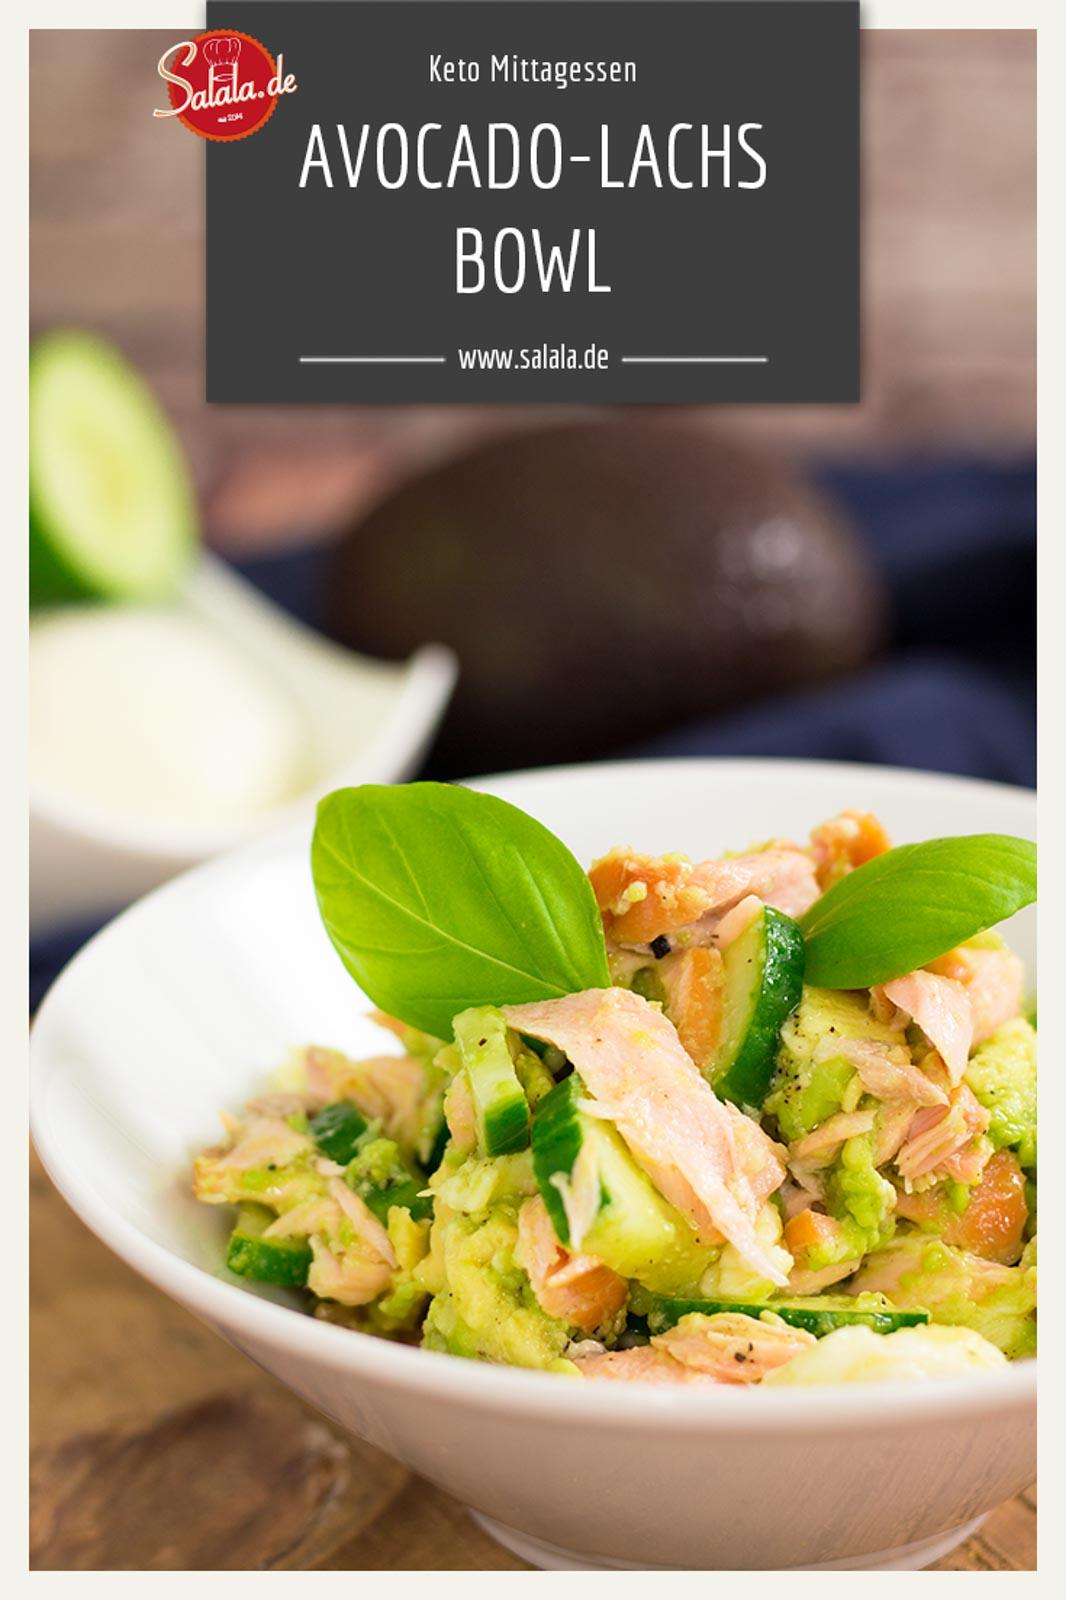 Avocado-Lachs Bowl - by salala.de - schnelles Keto Mittagessen Rezept mit Mozzarella in der Arbeit #keto #mittagessen #avocado #lowcarb #ketorezept